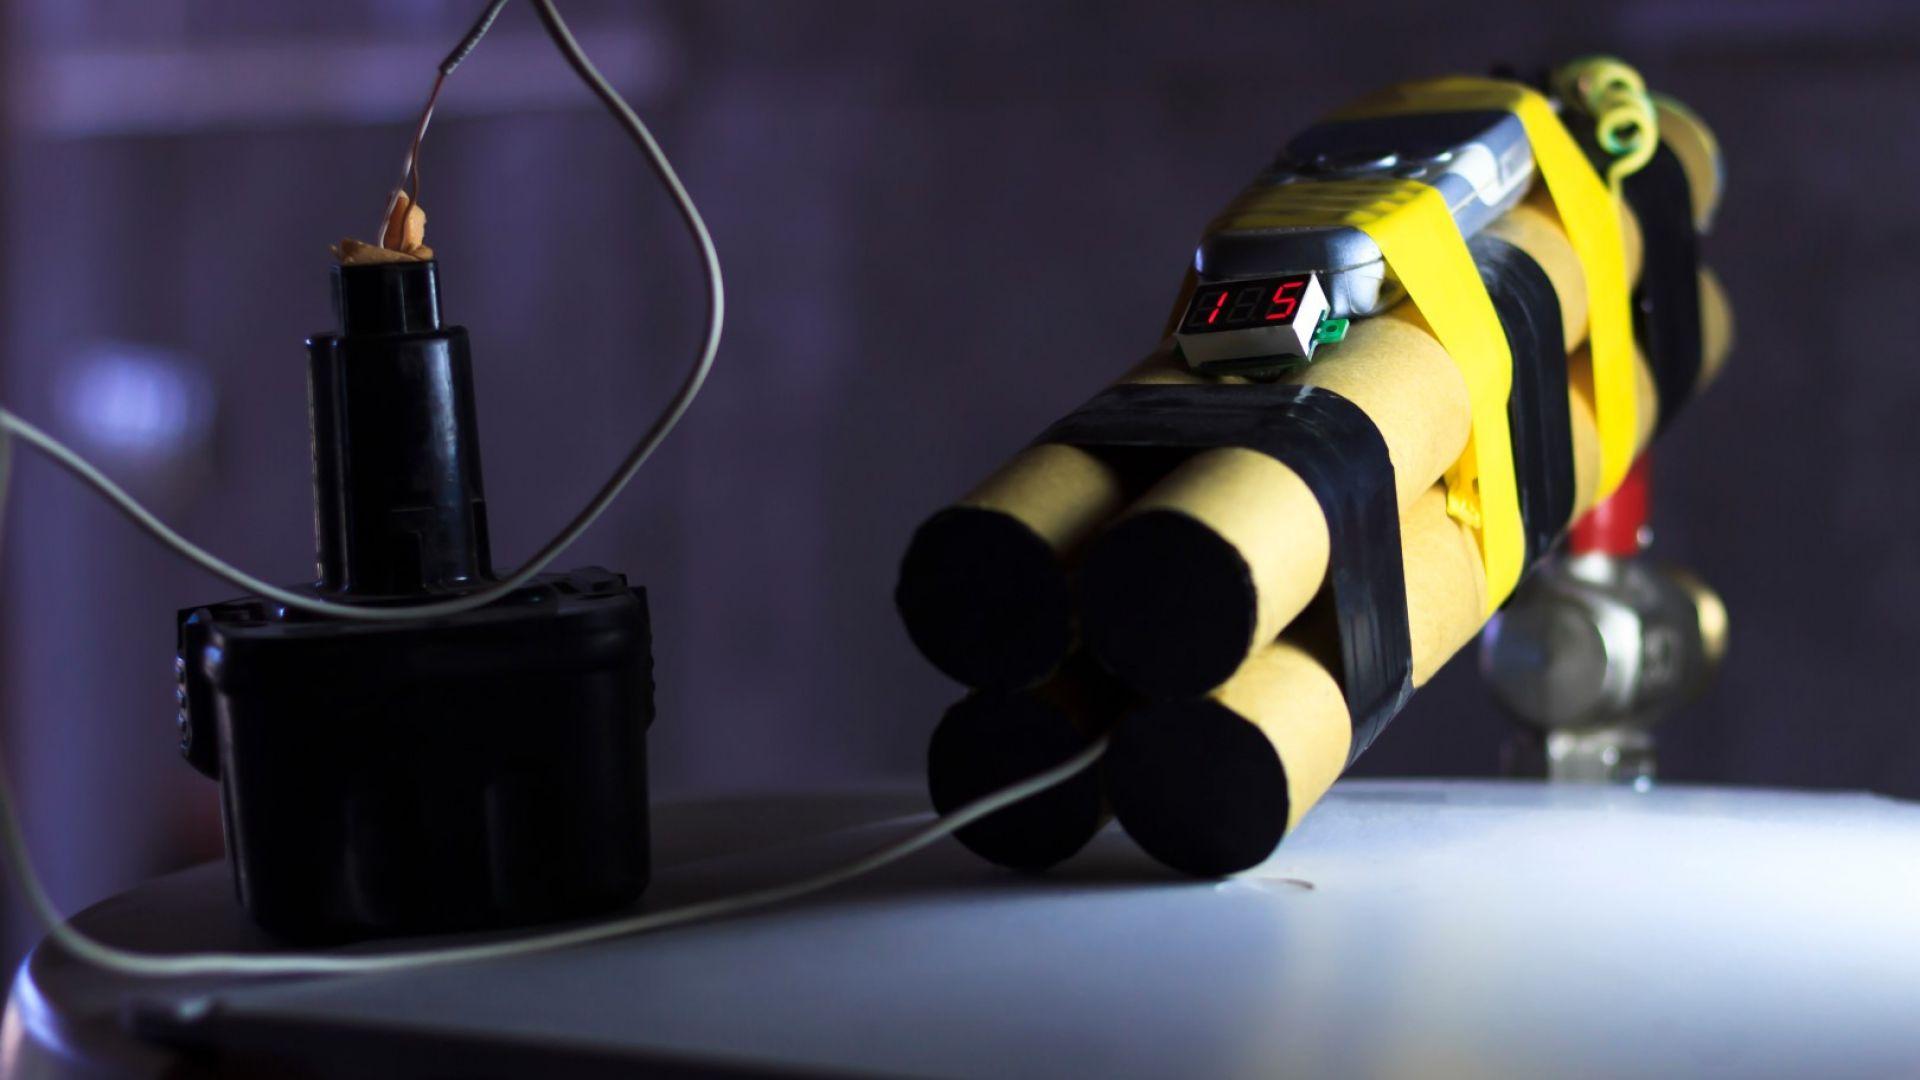 Откриват бомби и оръжия чрез Wi-Fi